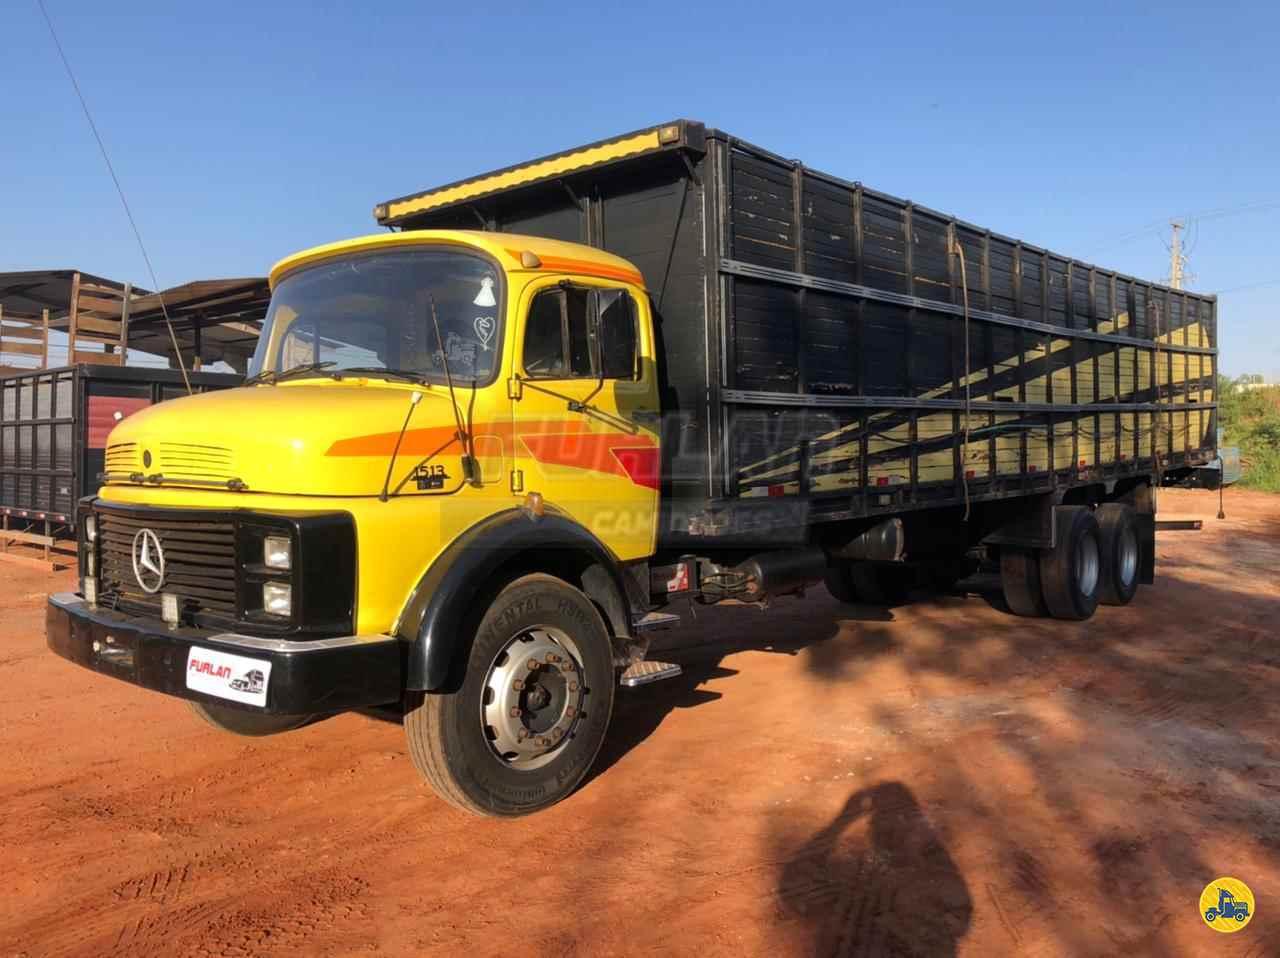 CAMINHAO MERCEDES-BENZ MB 1513 Boiadeiro Truck 6x2 Furlan Caminhões UMUARAMA PARANÁ PR